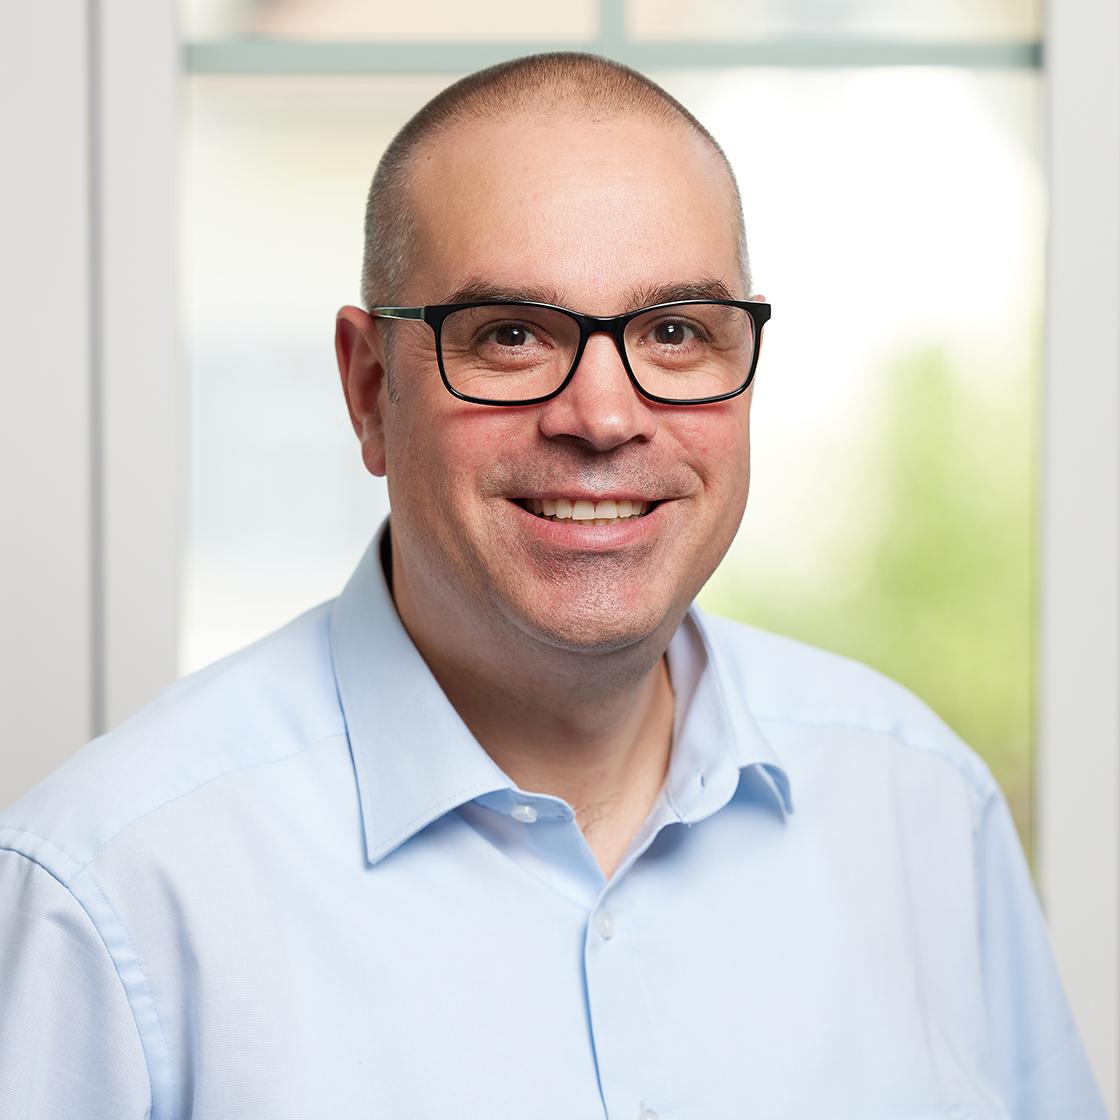 Andreas Naef - Senior Consultant Managing Partner